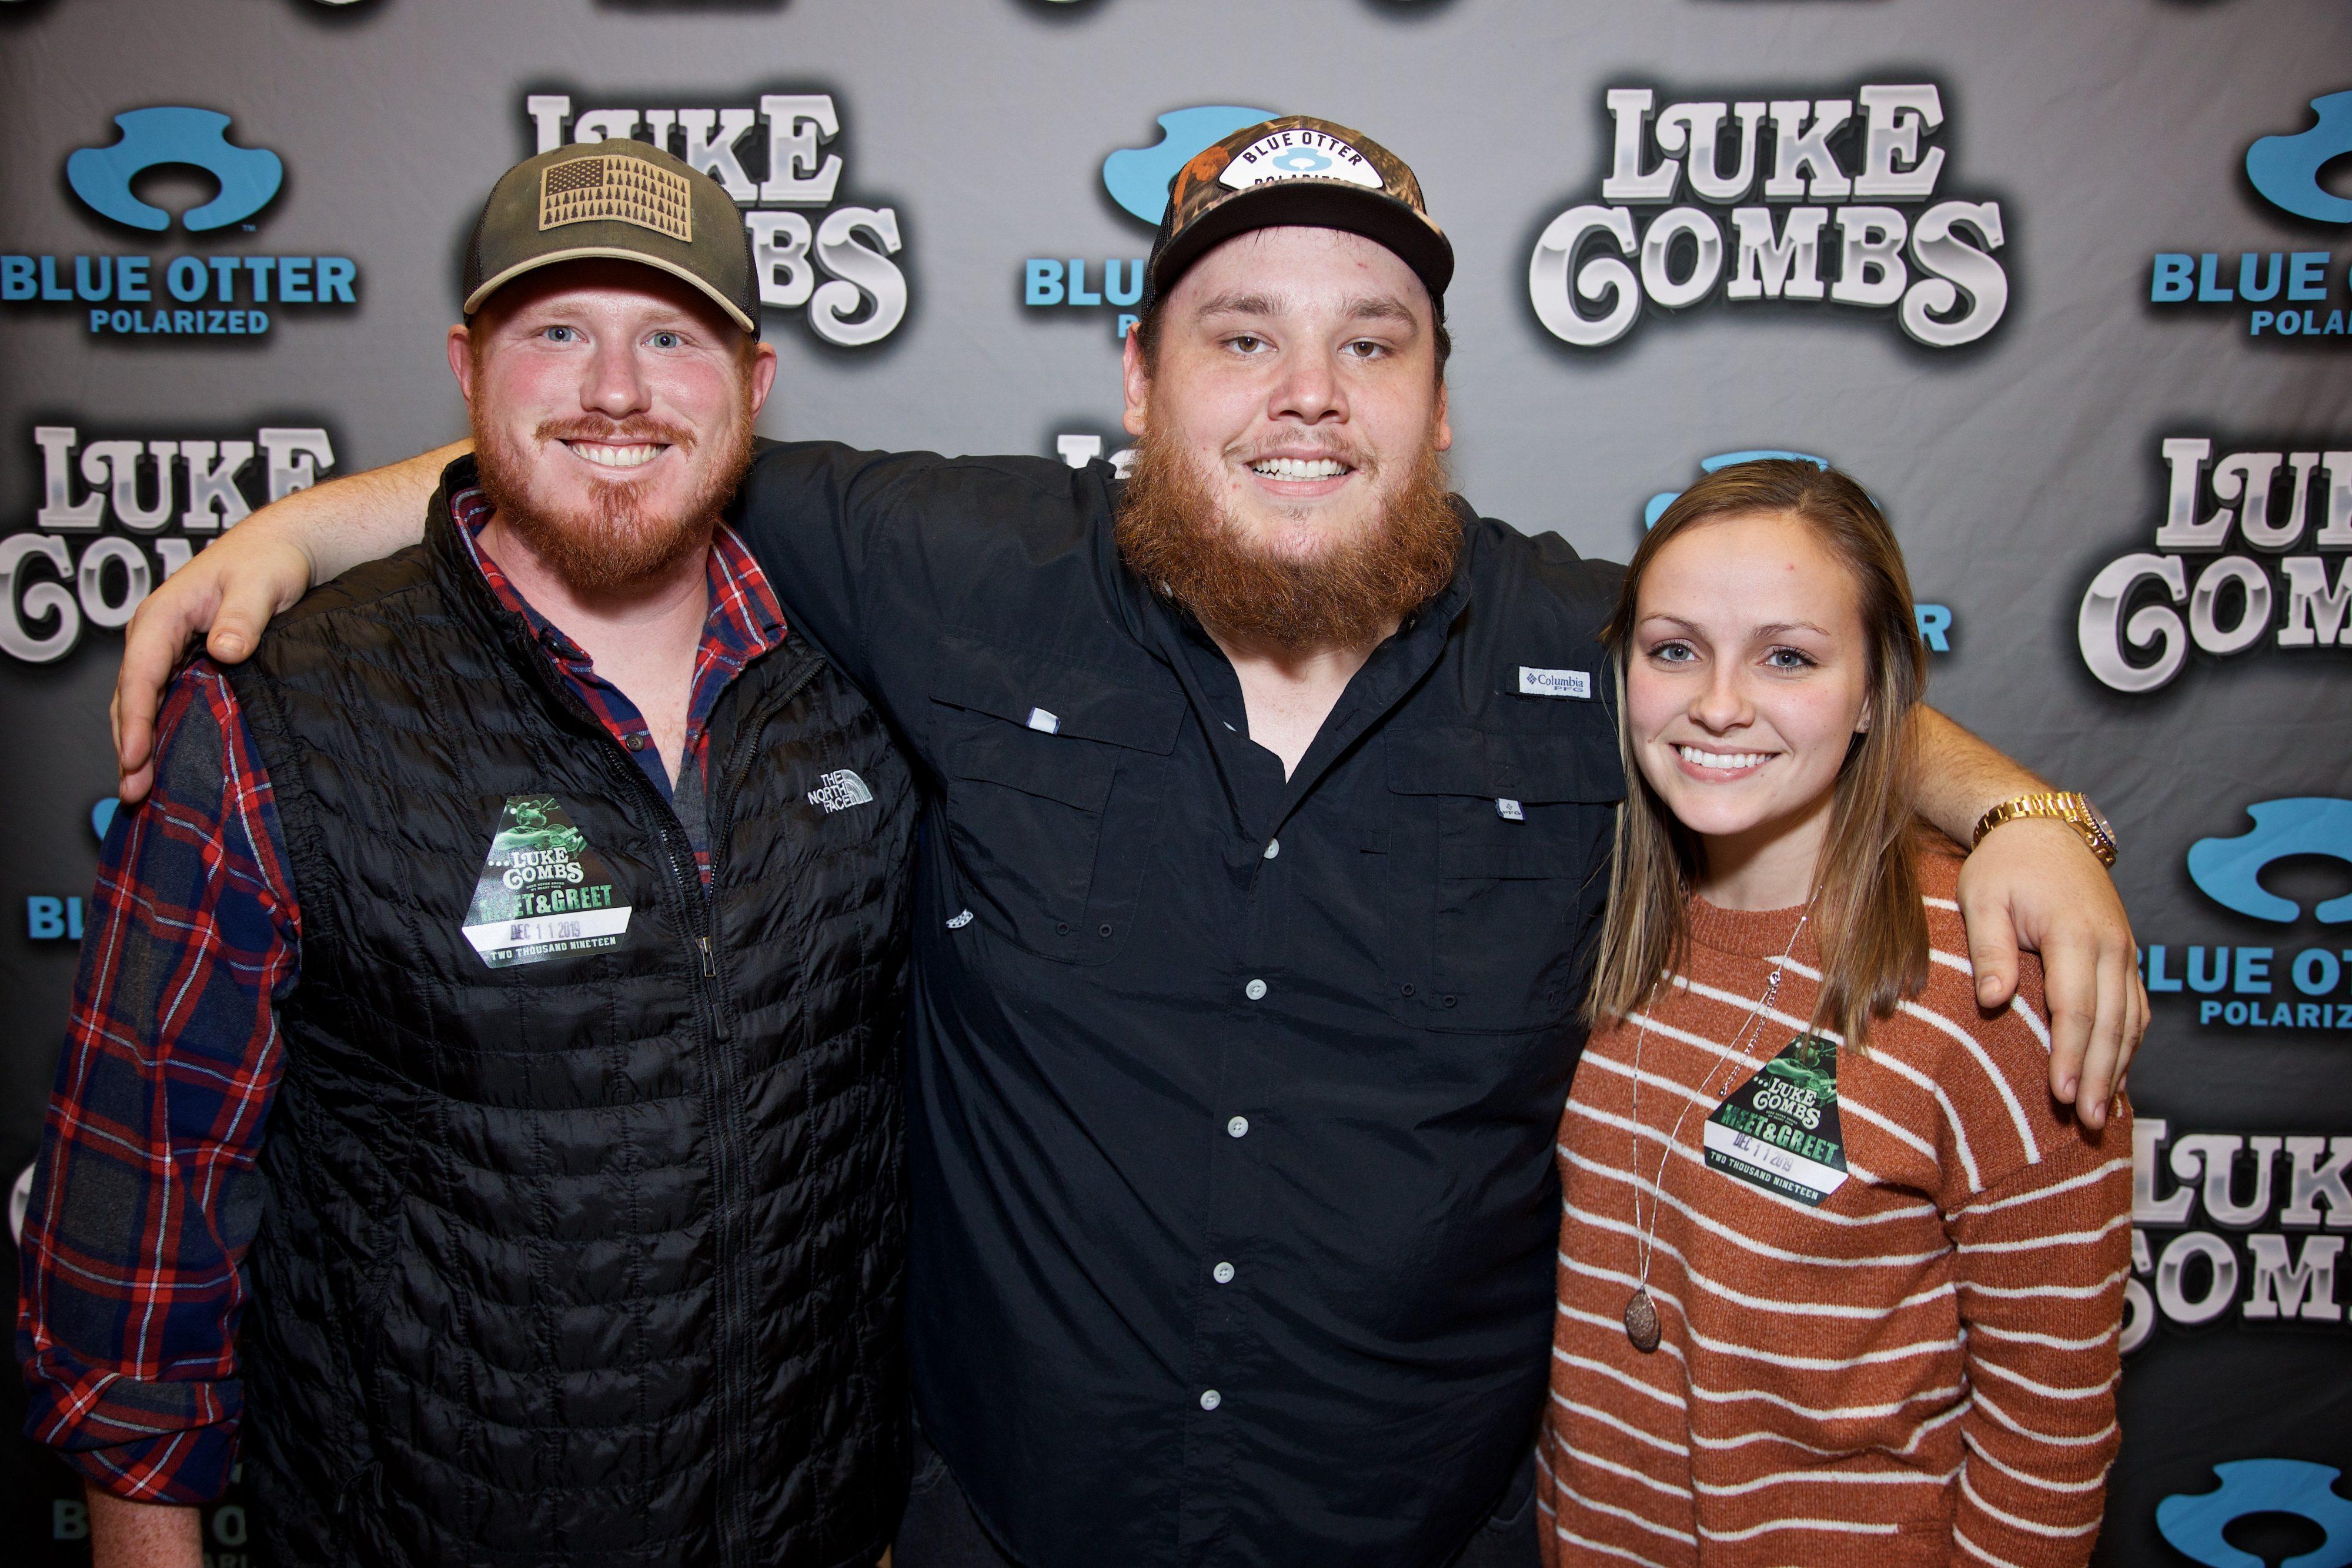 20191211_Luke_Combs_Louisville_0563